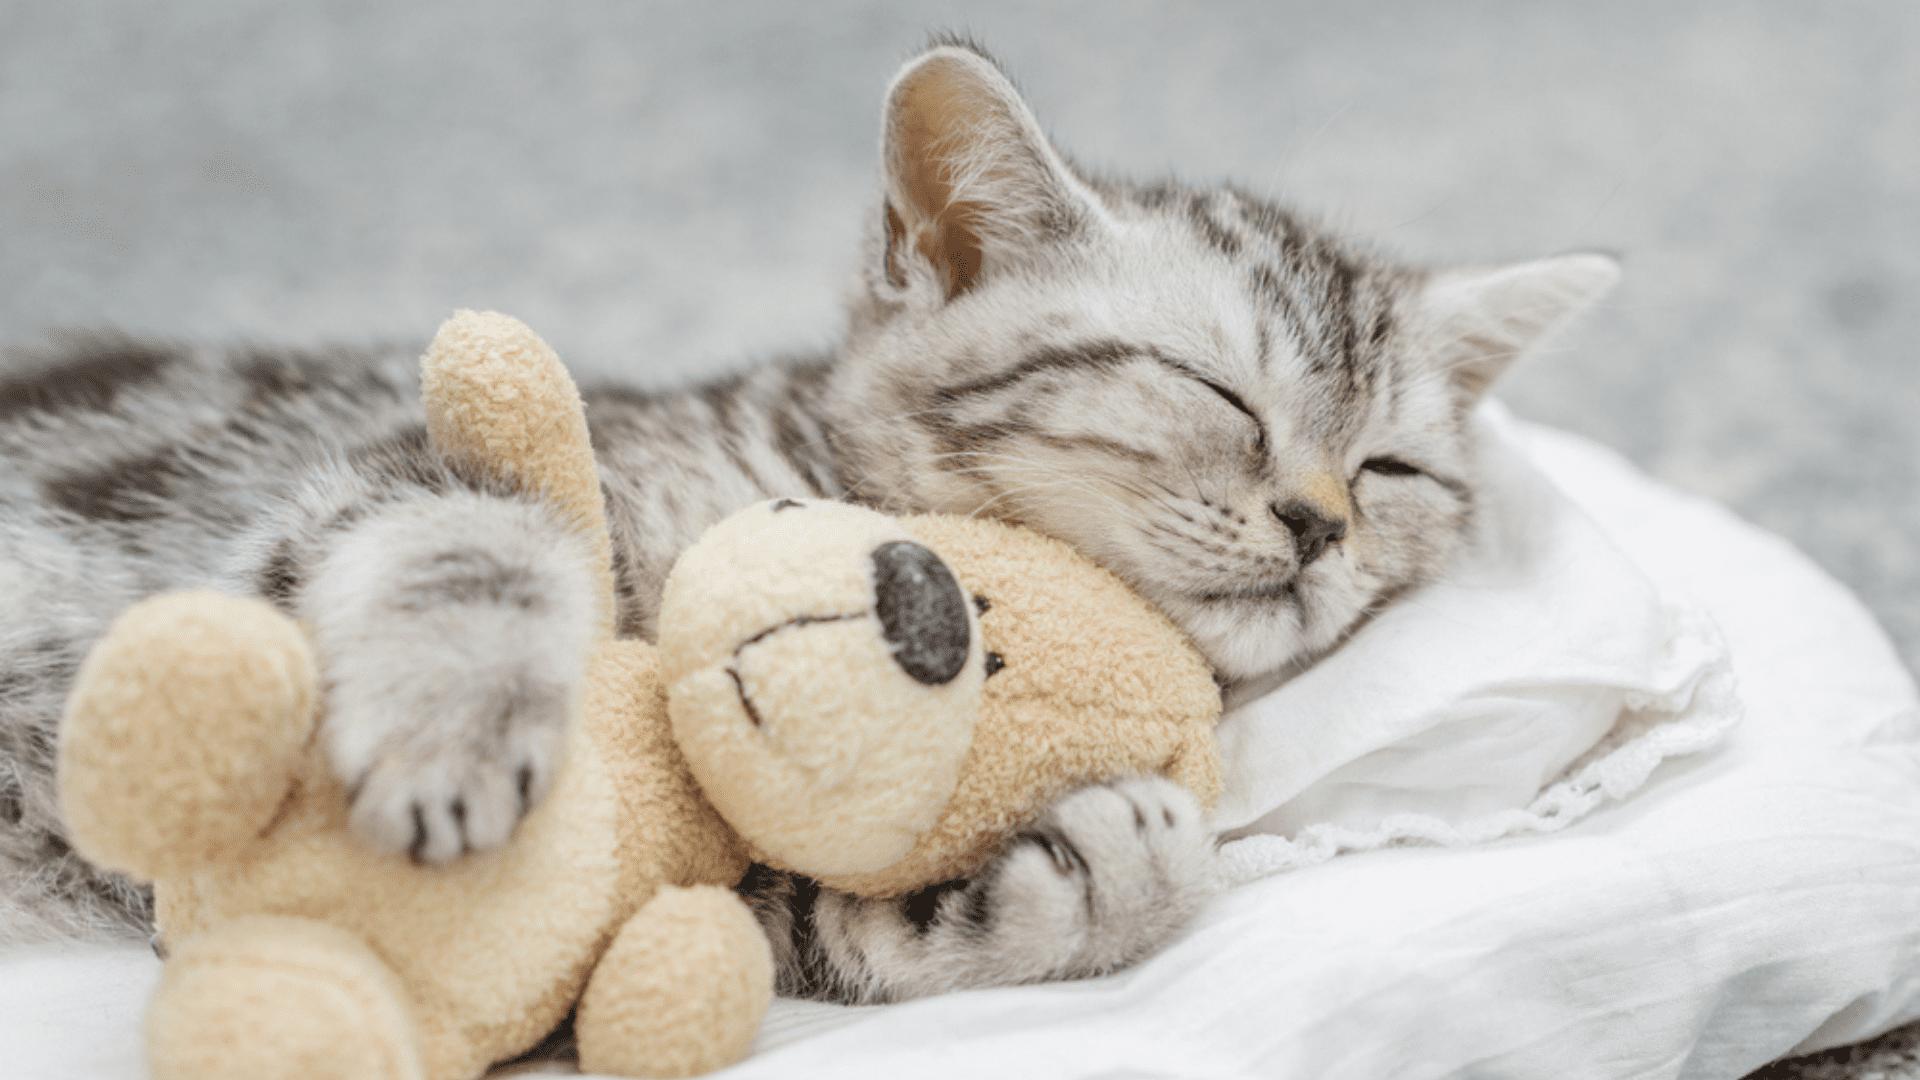 A pelúcia é ótima para aliviar o estresse do gato, mas precisa ser lavada com frequência (Reprodução/Shutterstock)